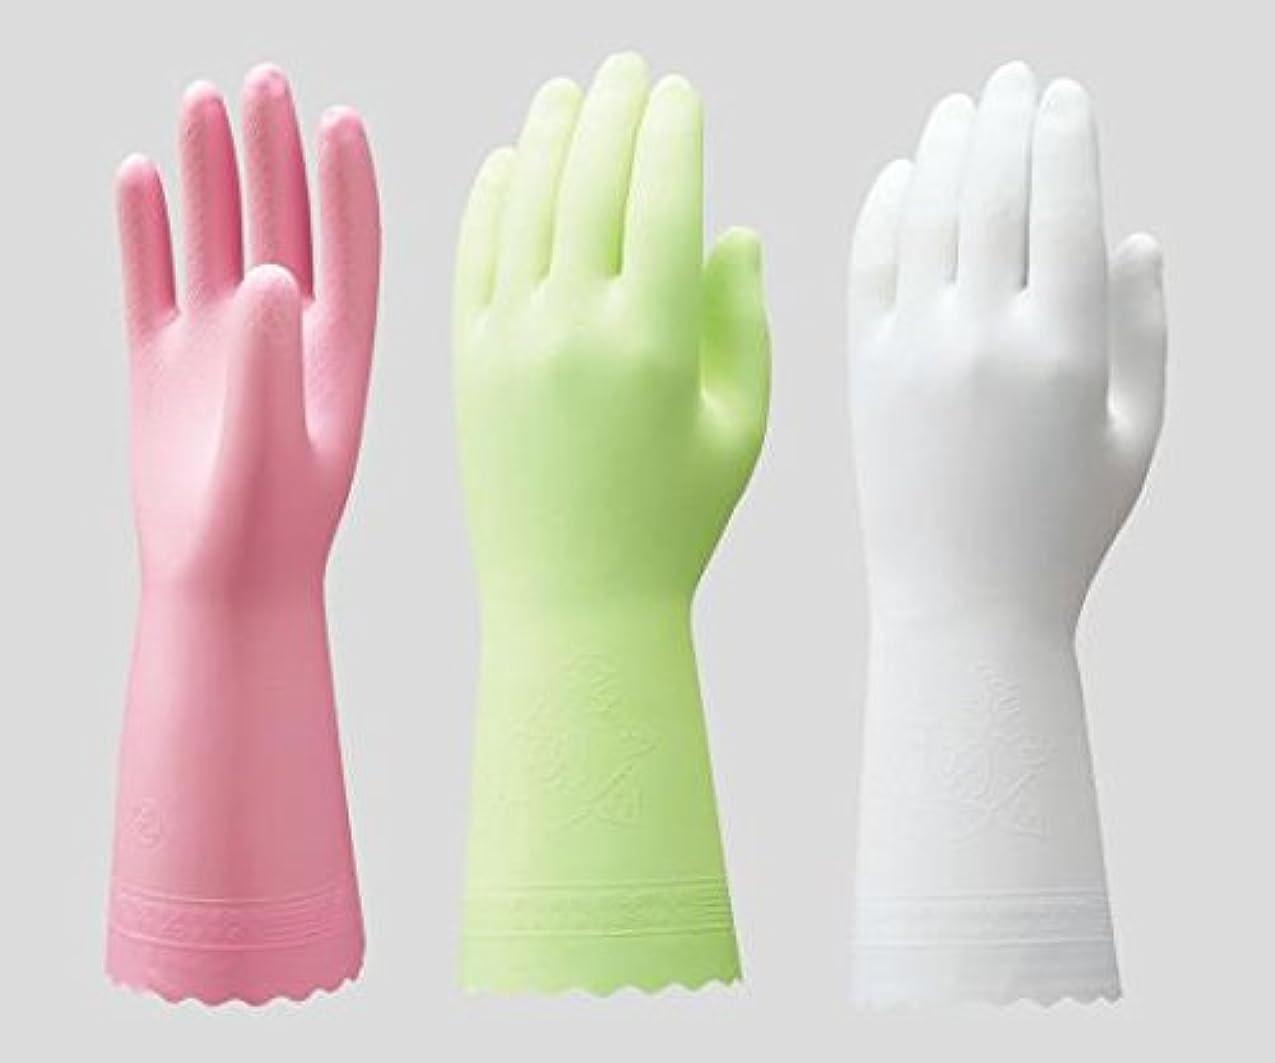 頻繁に信頼カテゴリーショーワグローブ2-9143-02ビニトップ手袋薄手裏毛無ホワイトM